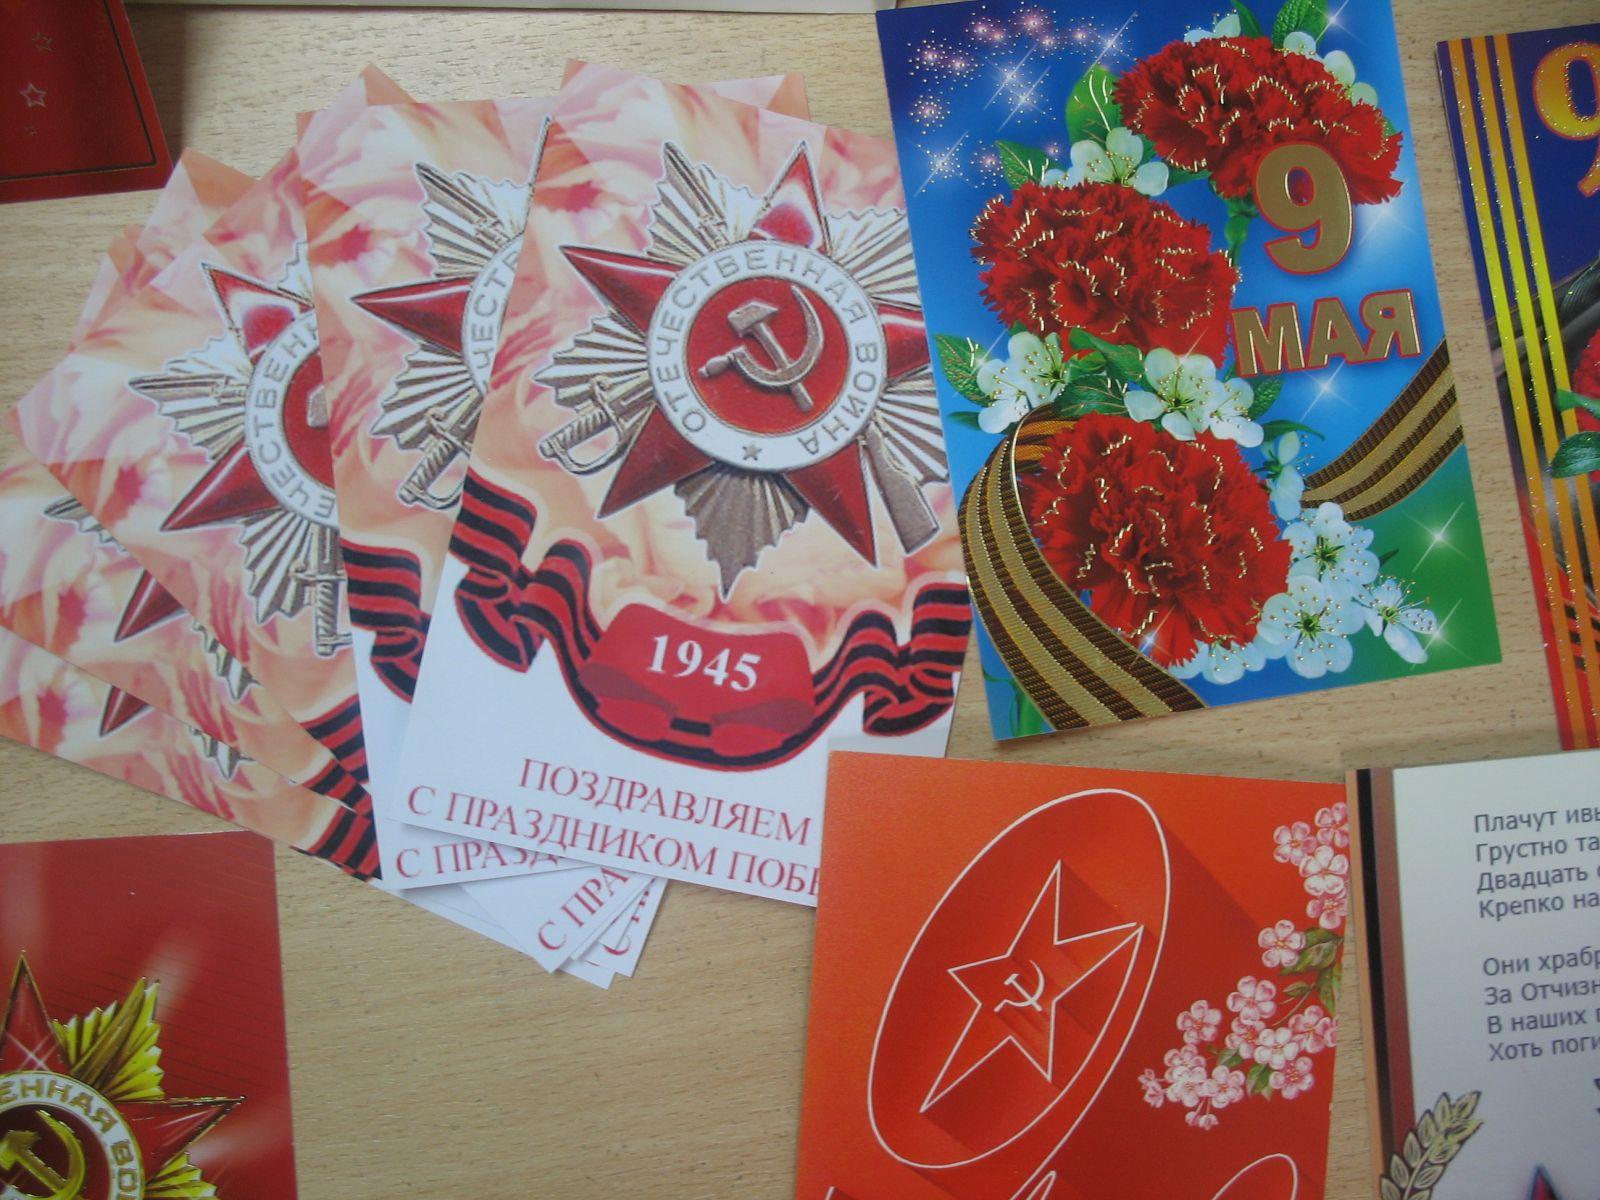 Новогодняя открытка с пожеланиями ветерану войны и труда, открытку